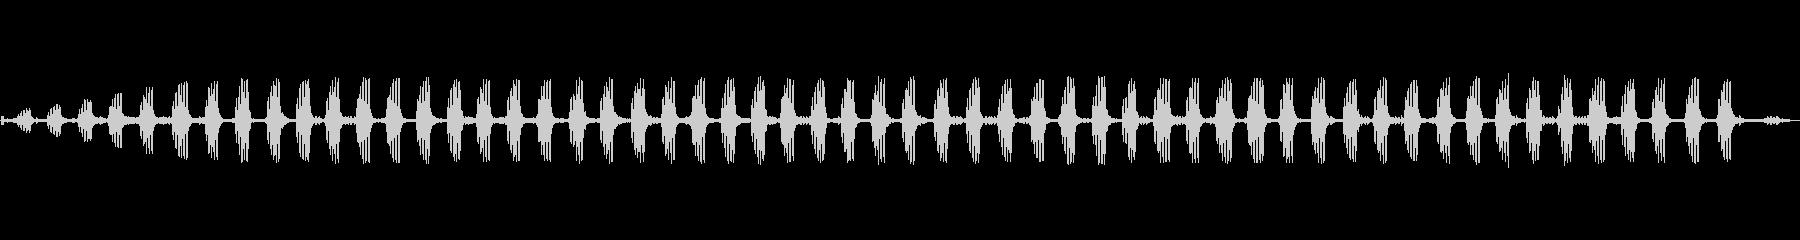 リンリンリンリンという秋の虫の未再生の波形